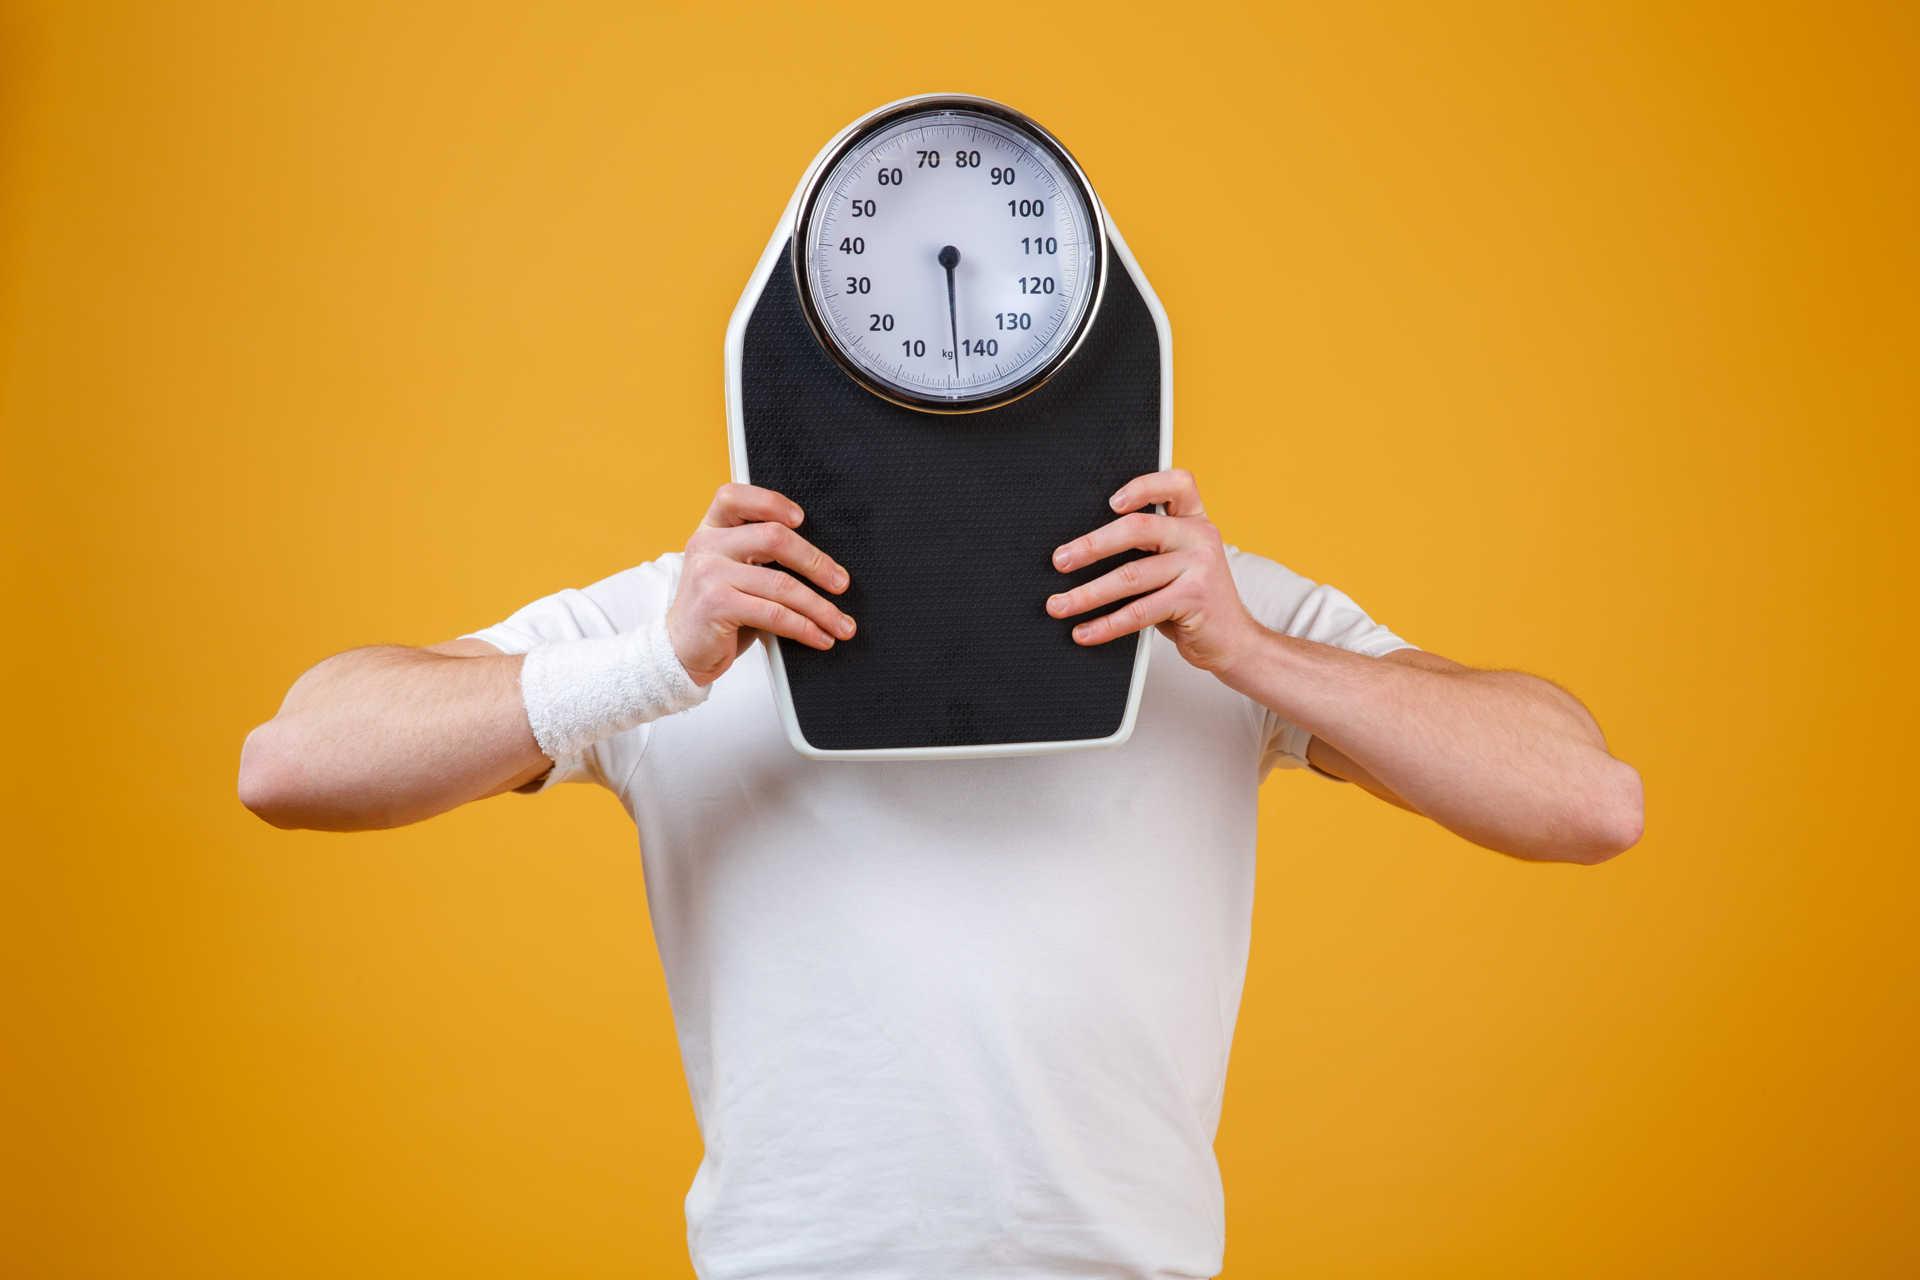 come calcolare il peso corporeo